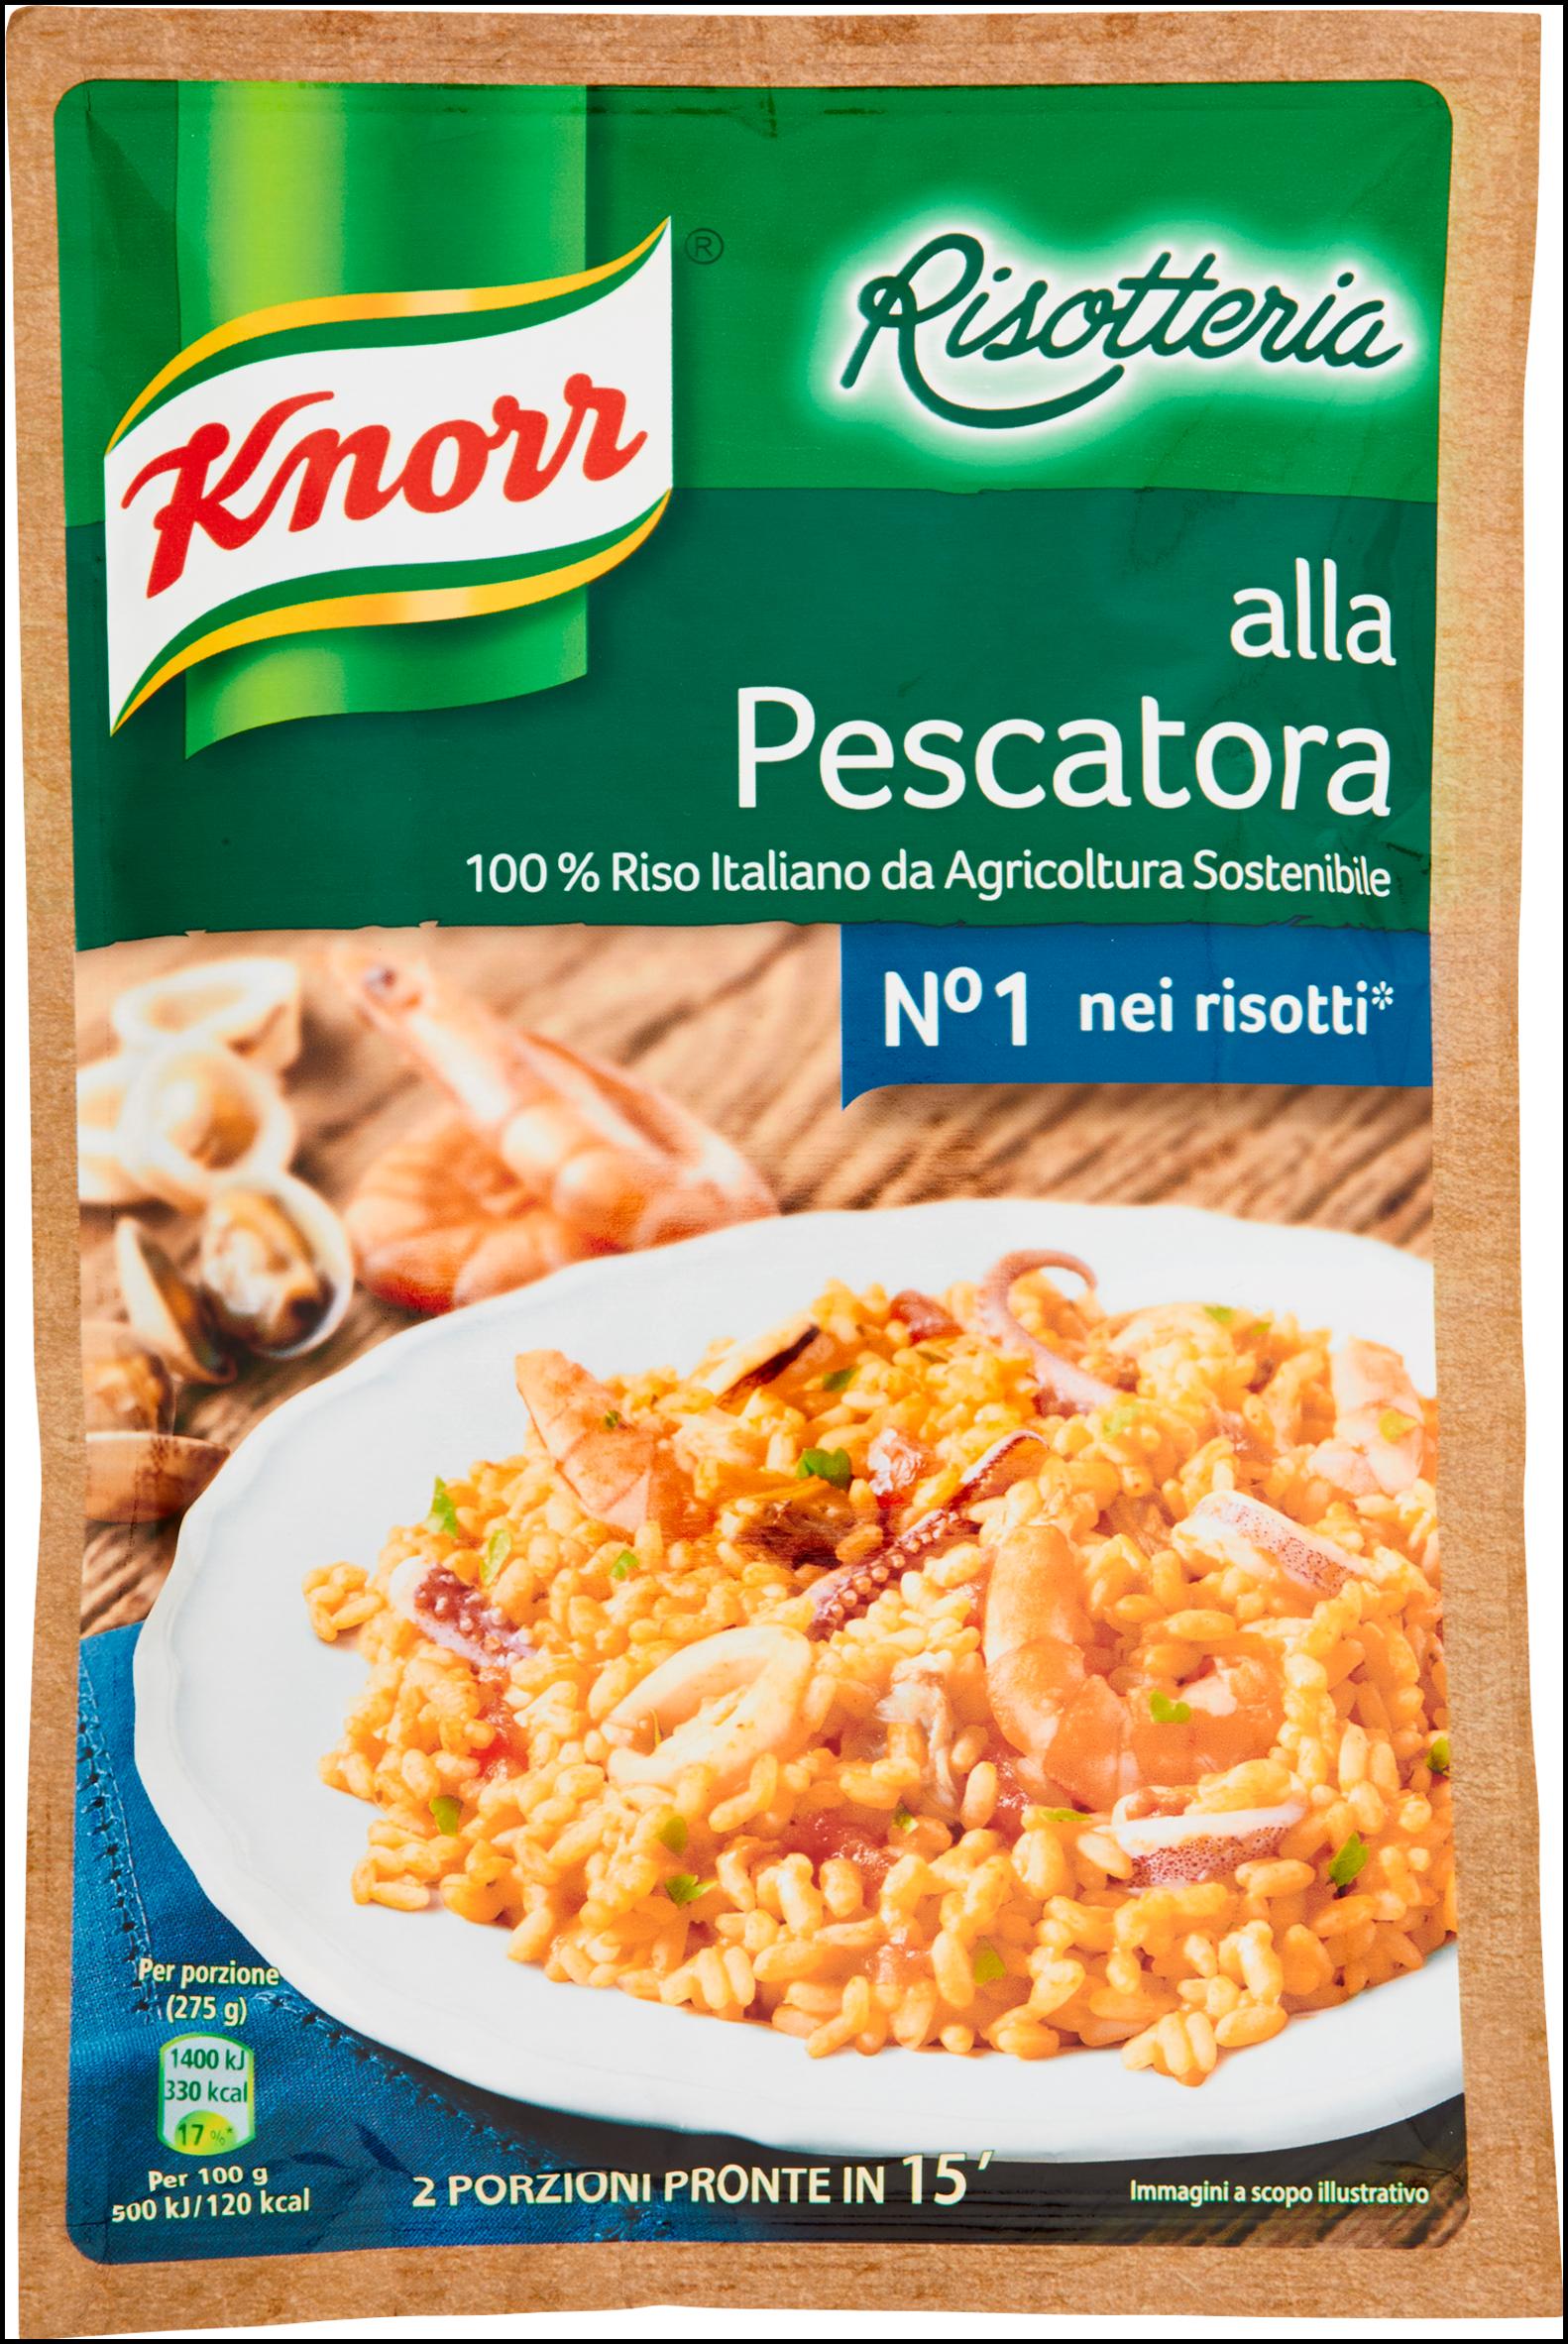 Knorr Risotteria alla Pescatora 175 g